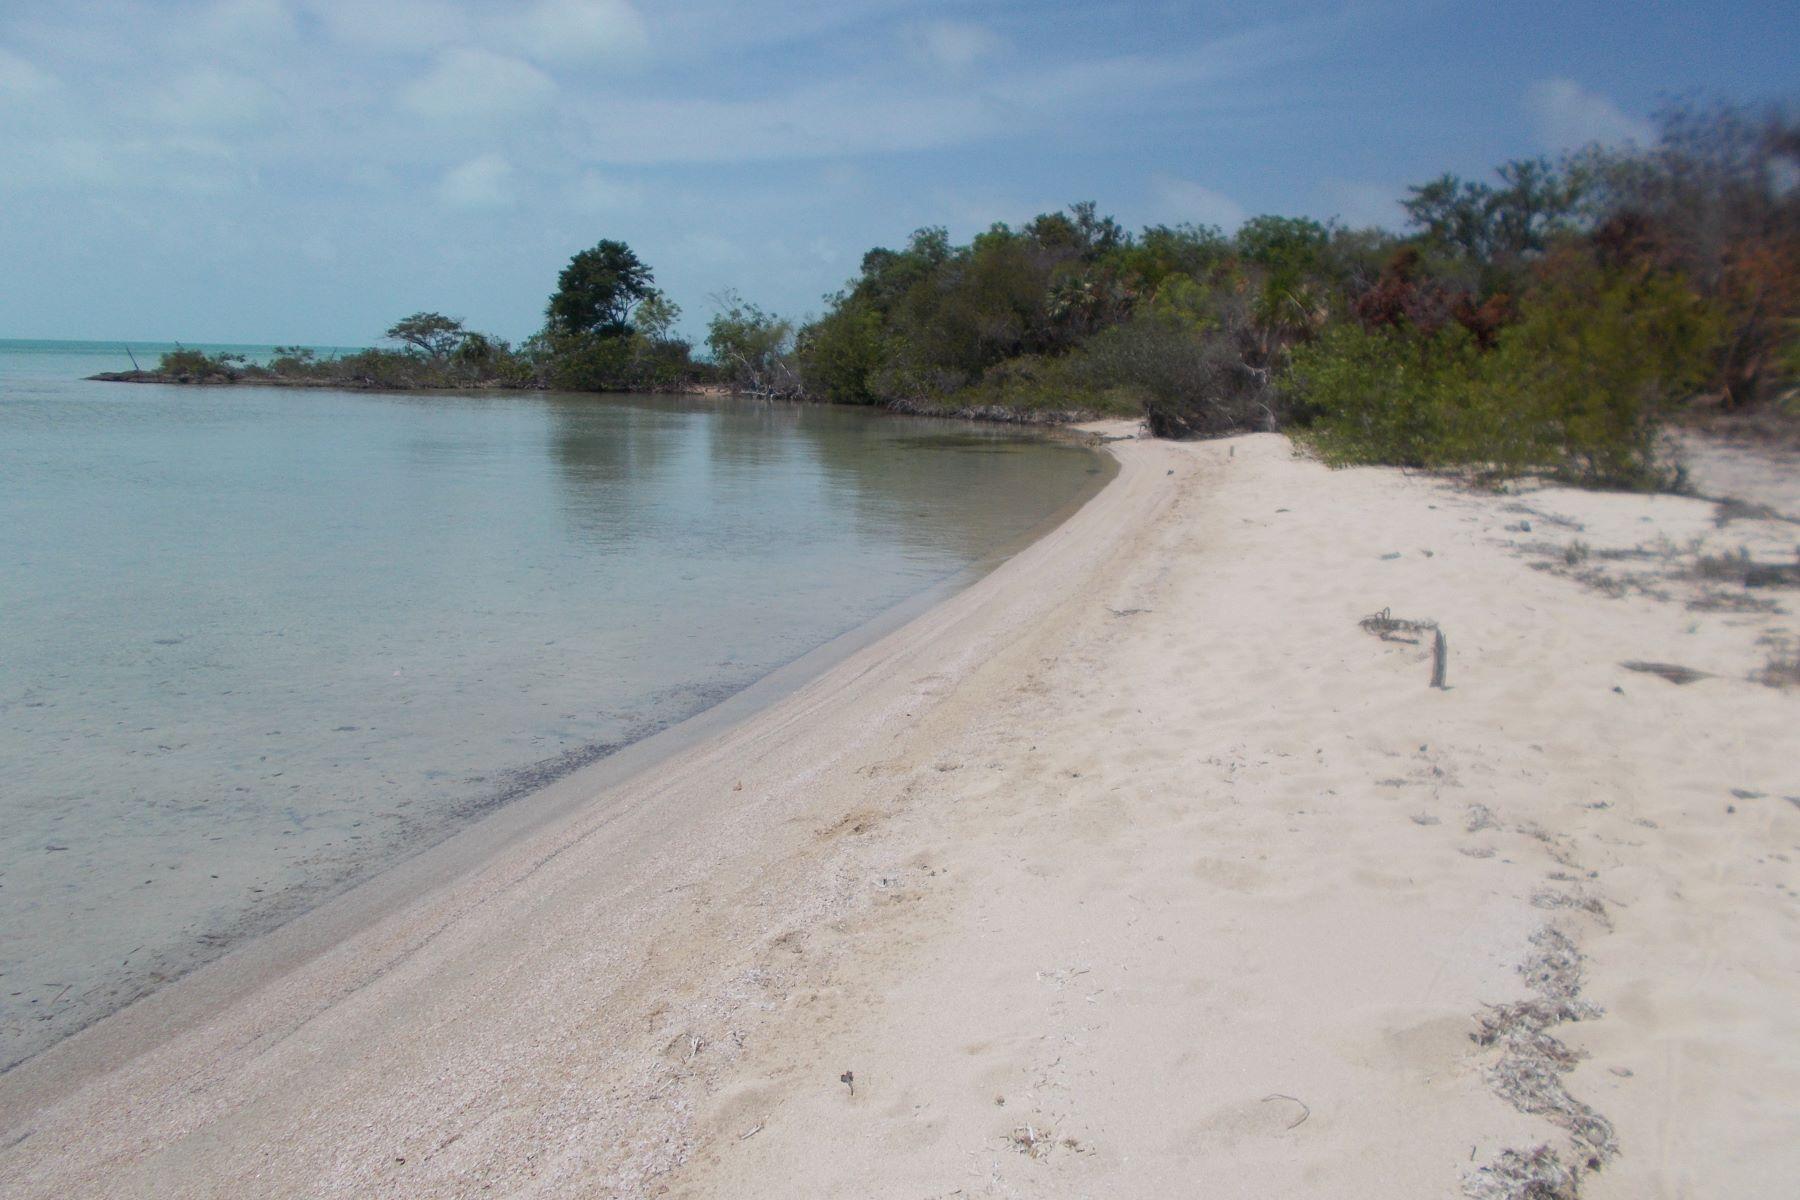 토지 용 매매 에 Caribbean Coves Lot #32 San Pedro Town, Ambergris Caye, 벨리즈